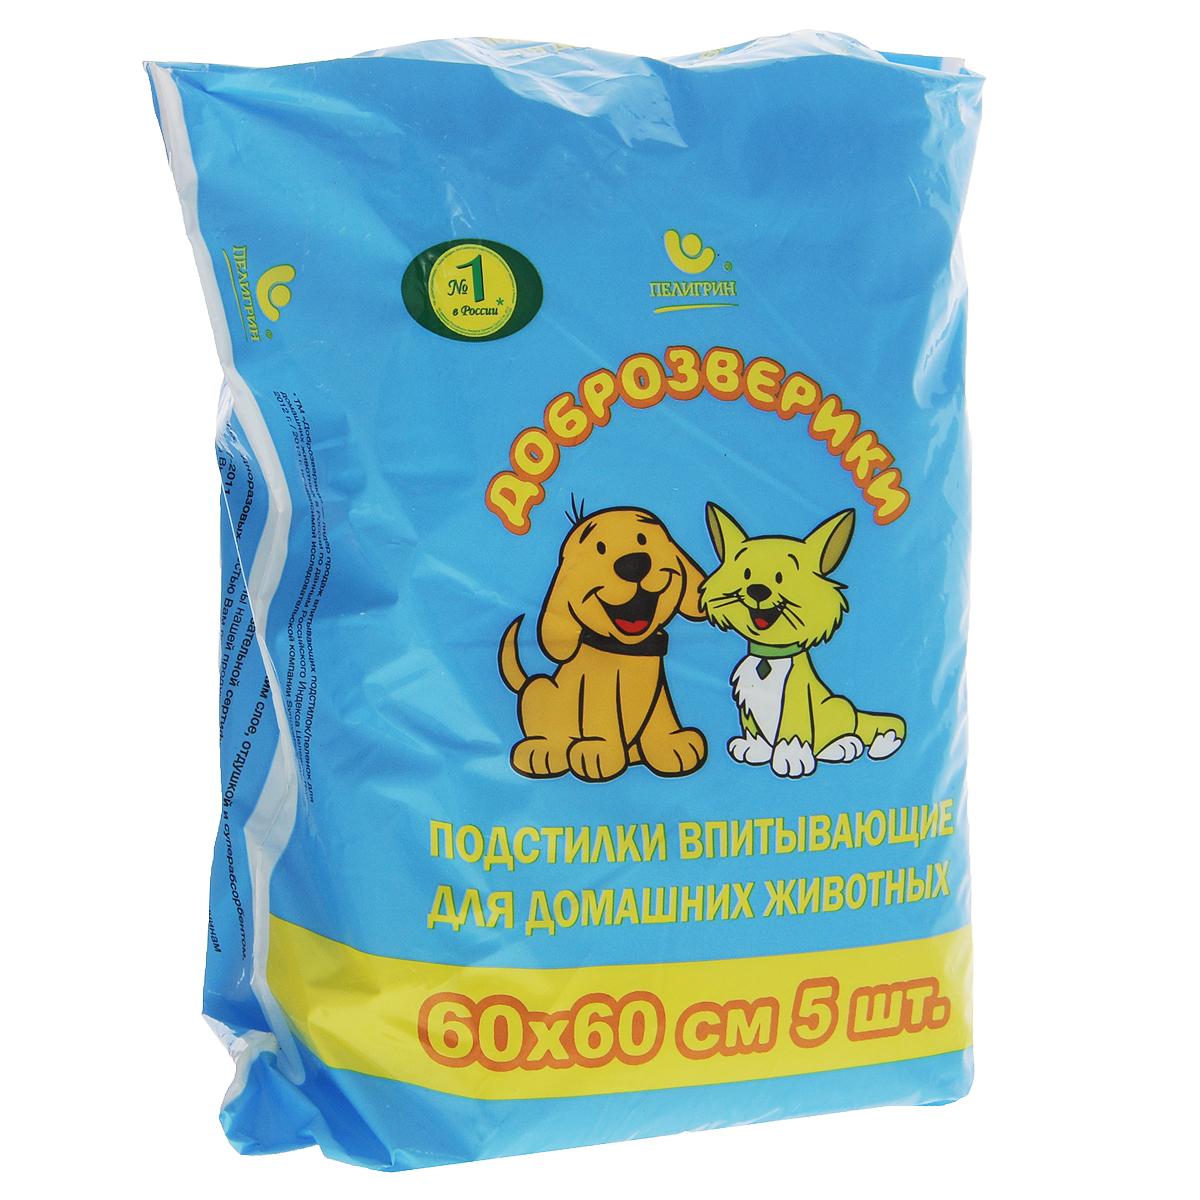 Подстилки для домашних животных Доброзверики, впитывающие, 60 см х 60 см, 5 шт подстилки для домашних животных доброзверики впитывающие 60 см х 40 см 5 шт